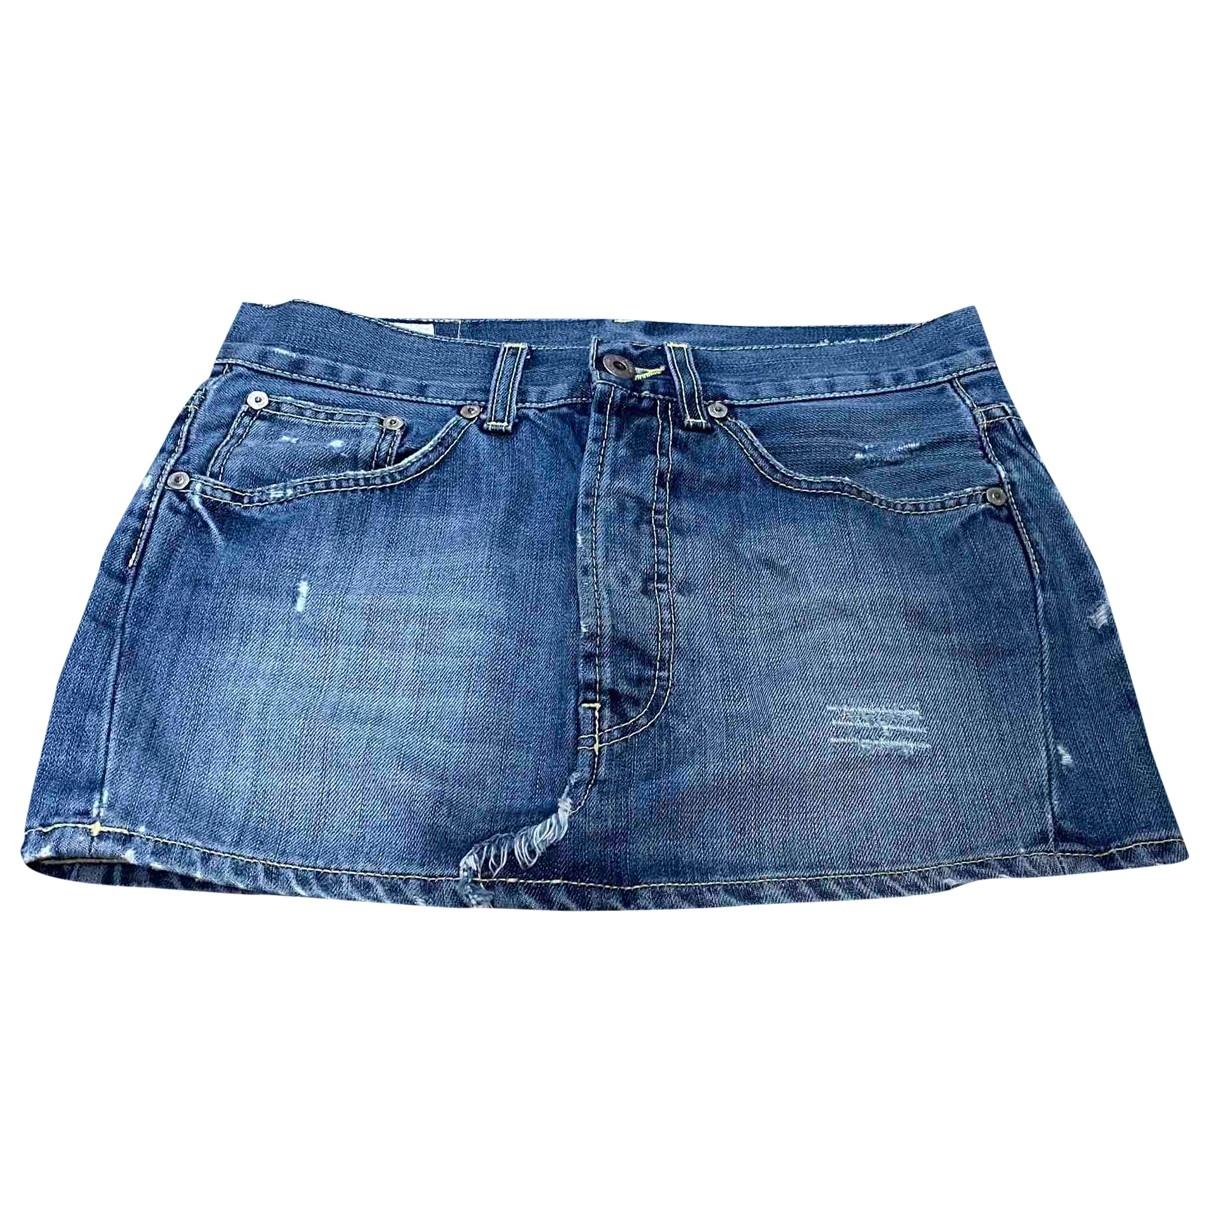 Dondup \N Blue Denim - Jeans skirt for Women 40 IT